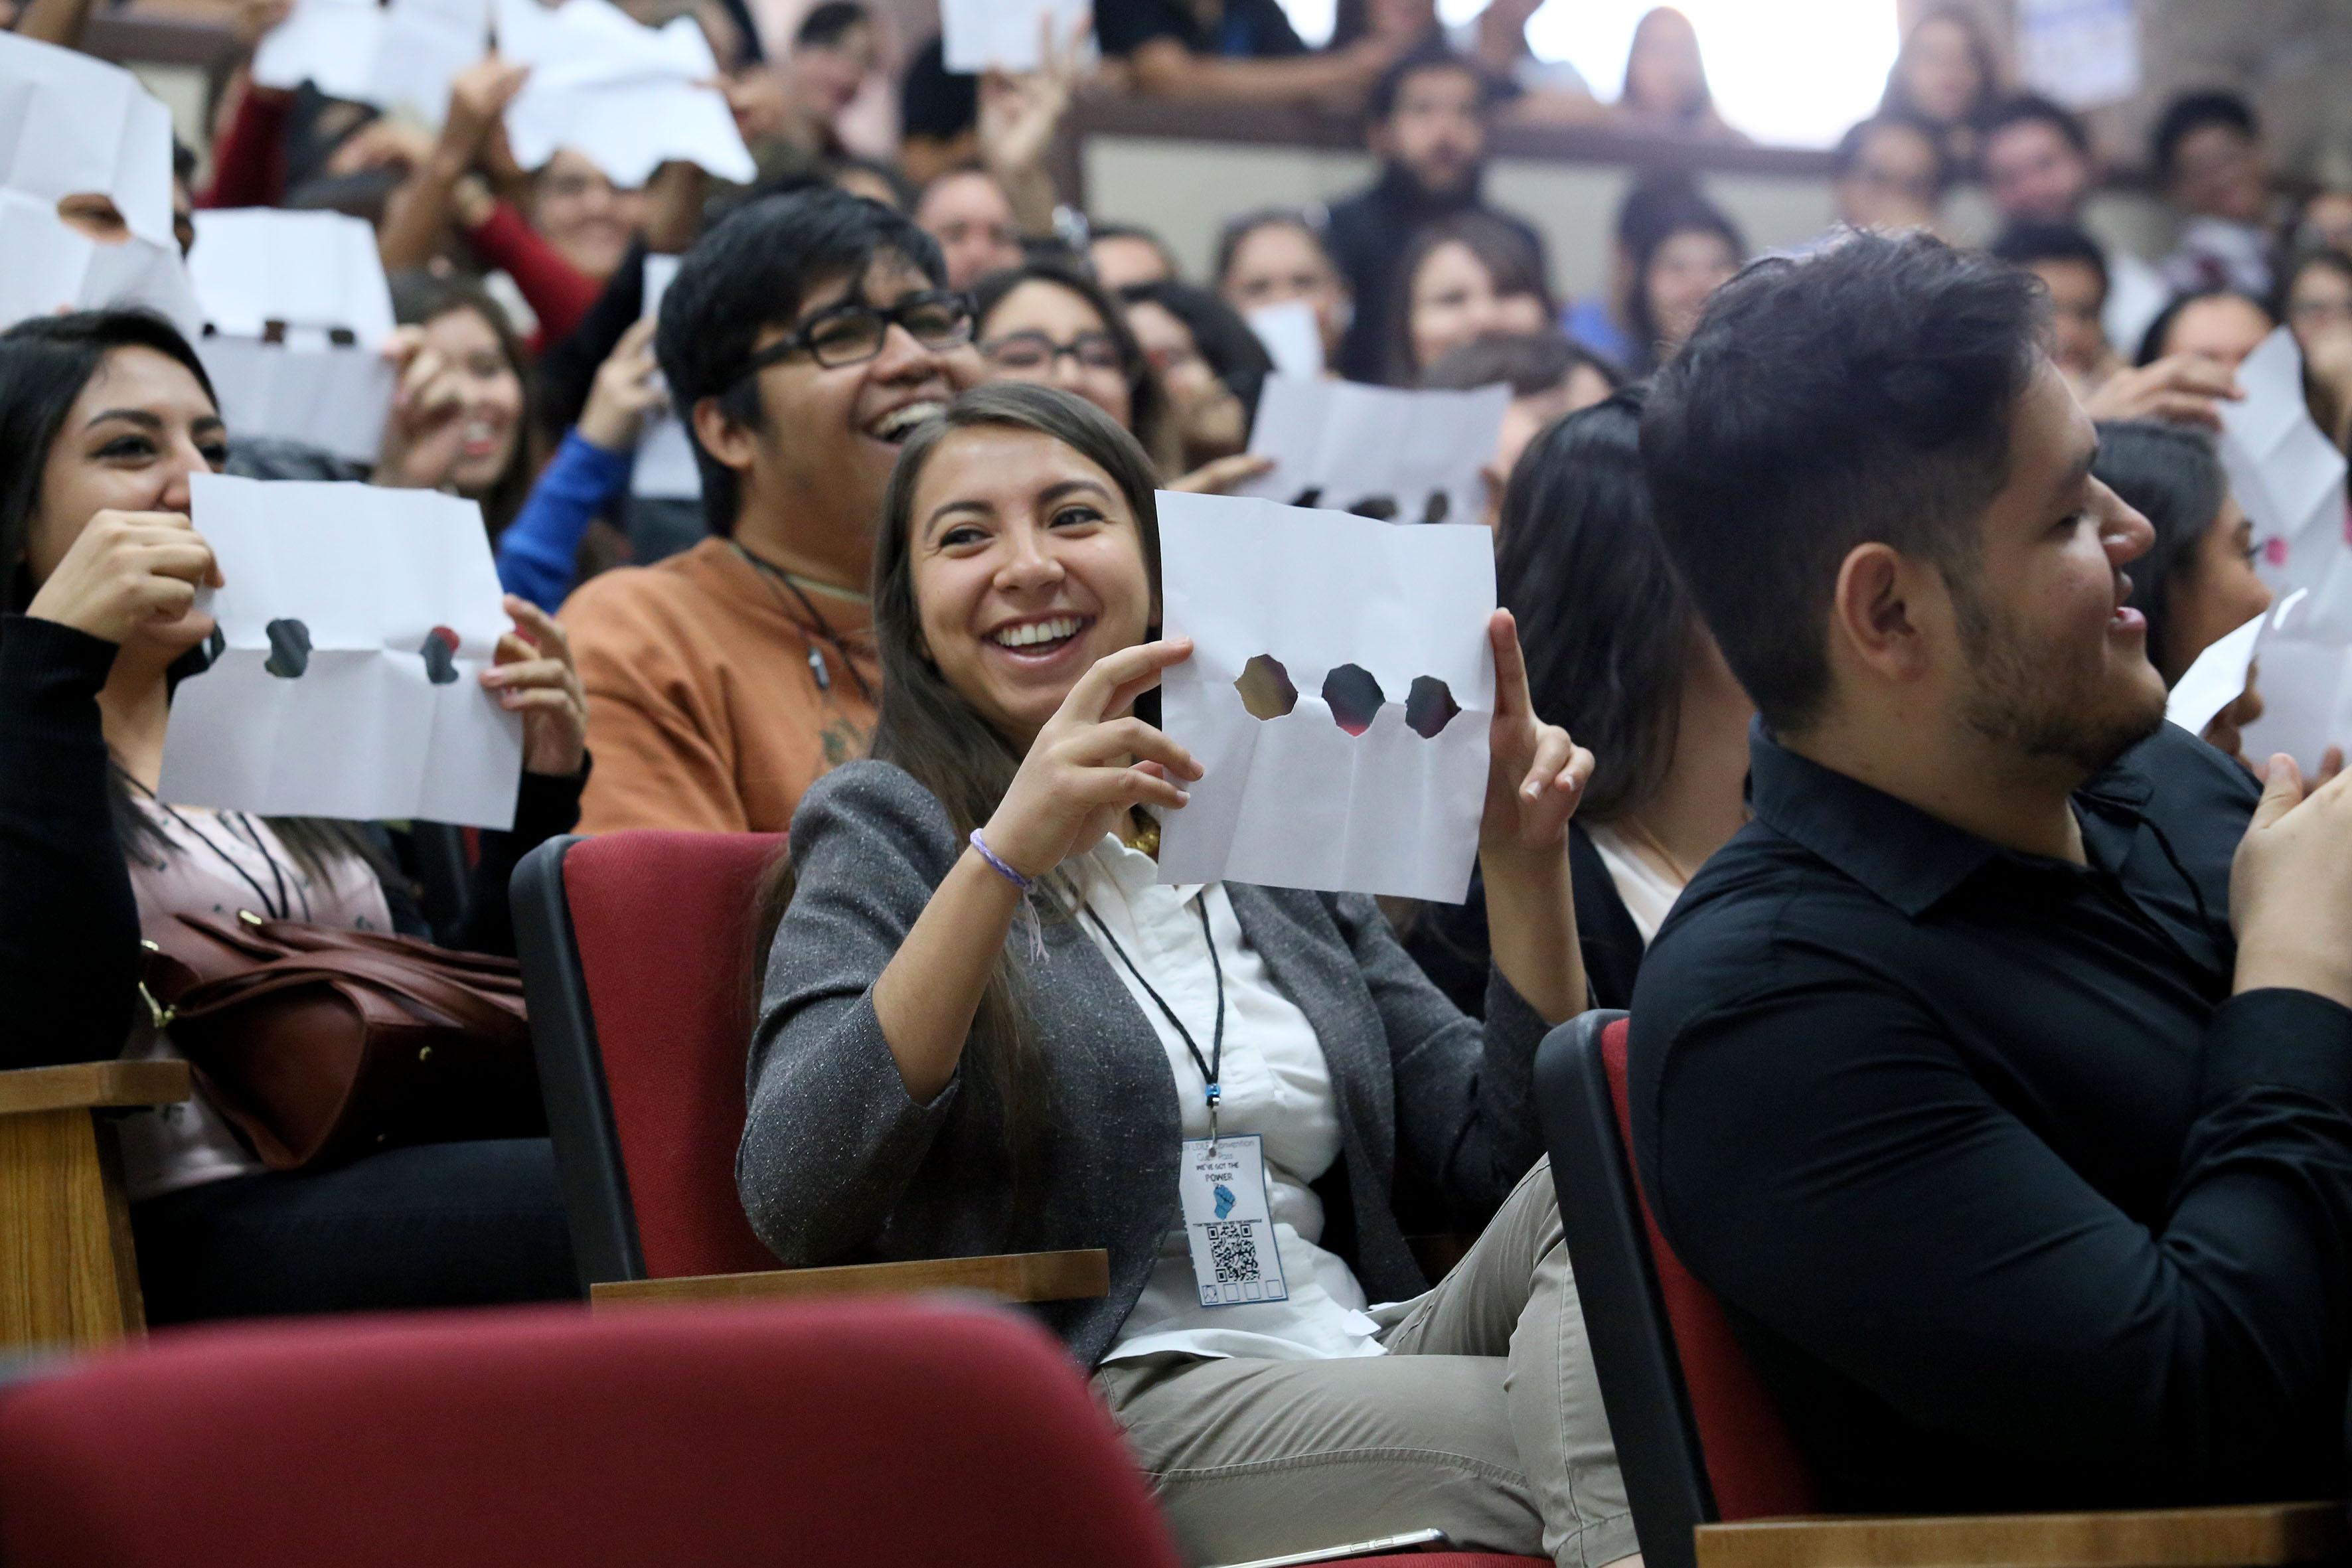 """Estudiantes asistentes a la conferencia """"Shaping tomorrow: new horizons in English language teaching"""", levantando un papel con diversos agujeros, dentro de una interacción sostenida con el conferencista."""